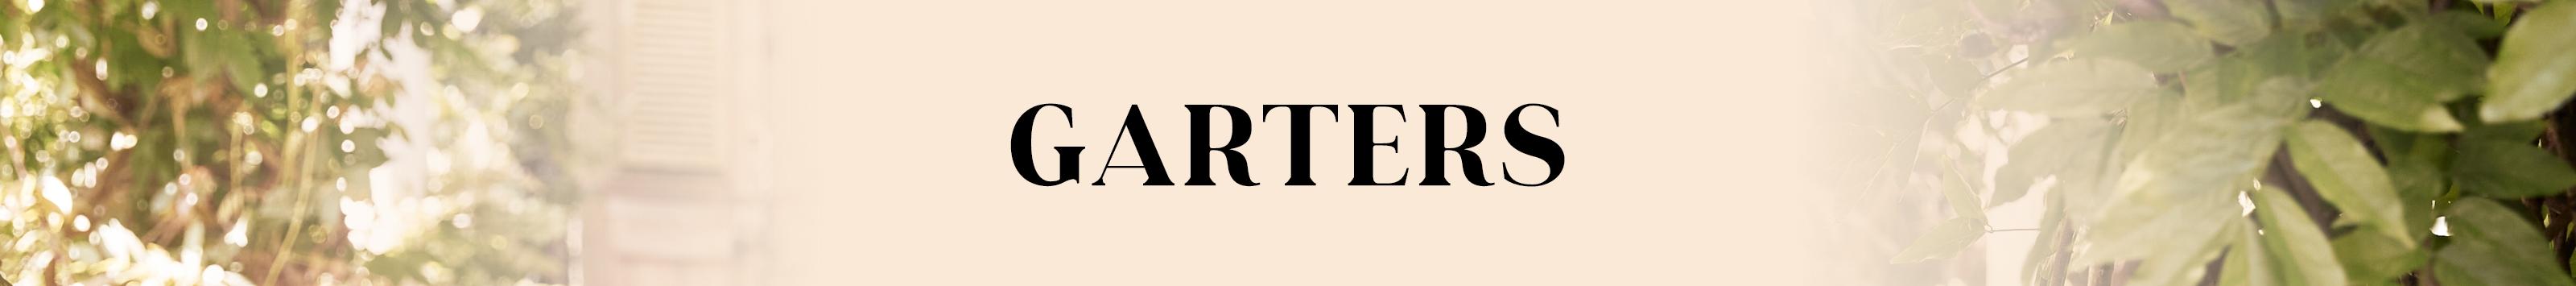 banner-category-panties-garters-1.jpg